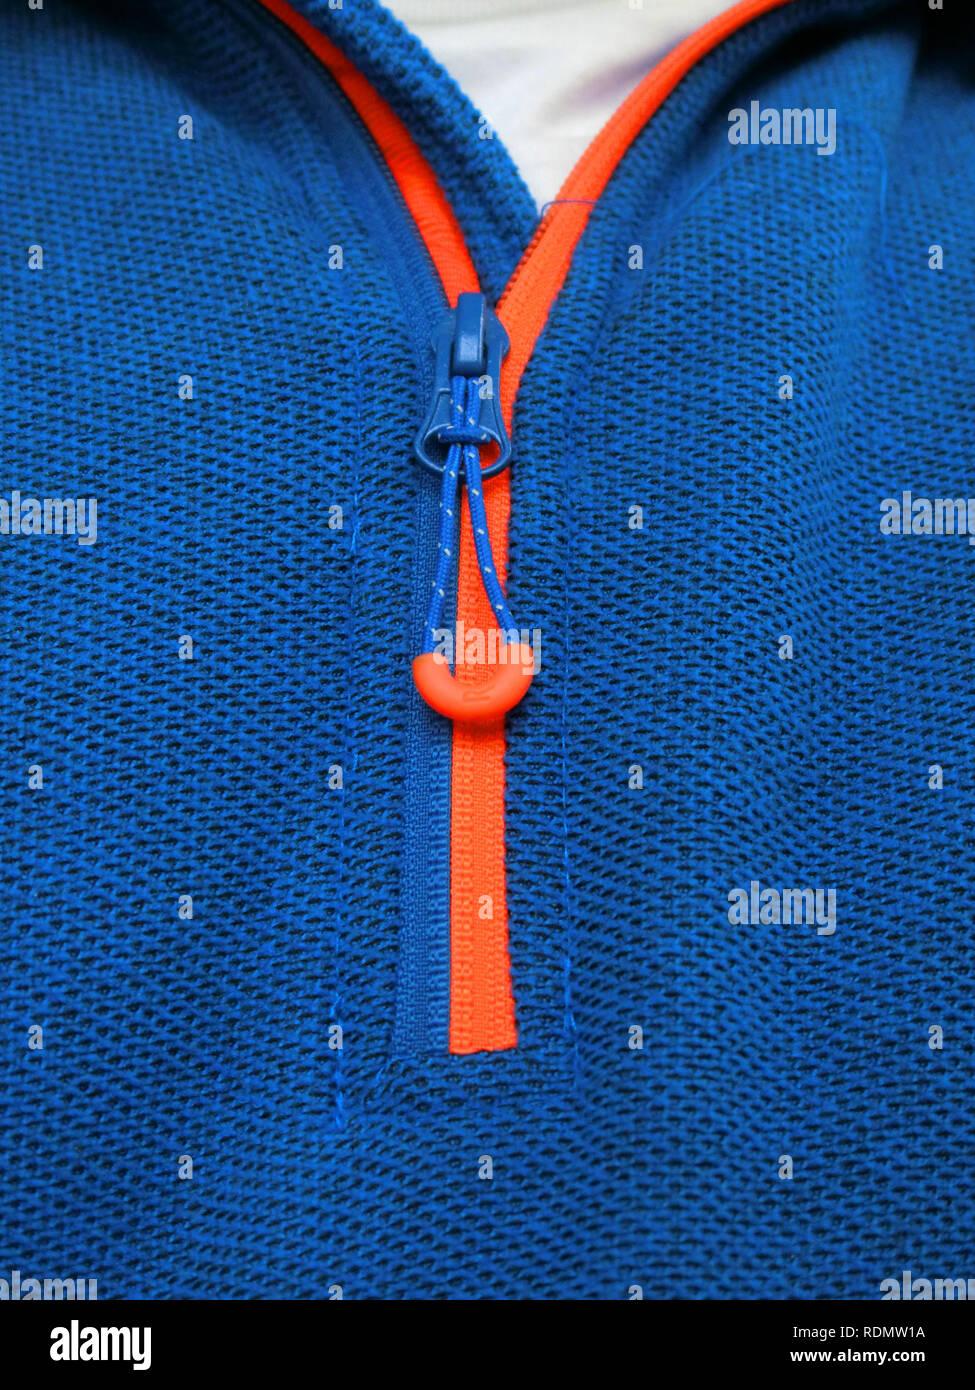 Arancione Fastner Zip con il passare o cerniera lampo su un uomo felpa blu Abbigliamento Immagini Stock